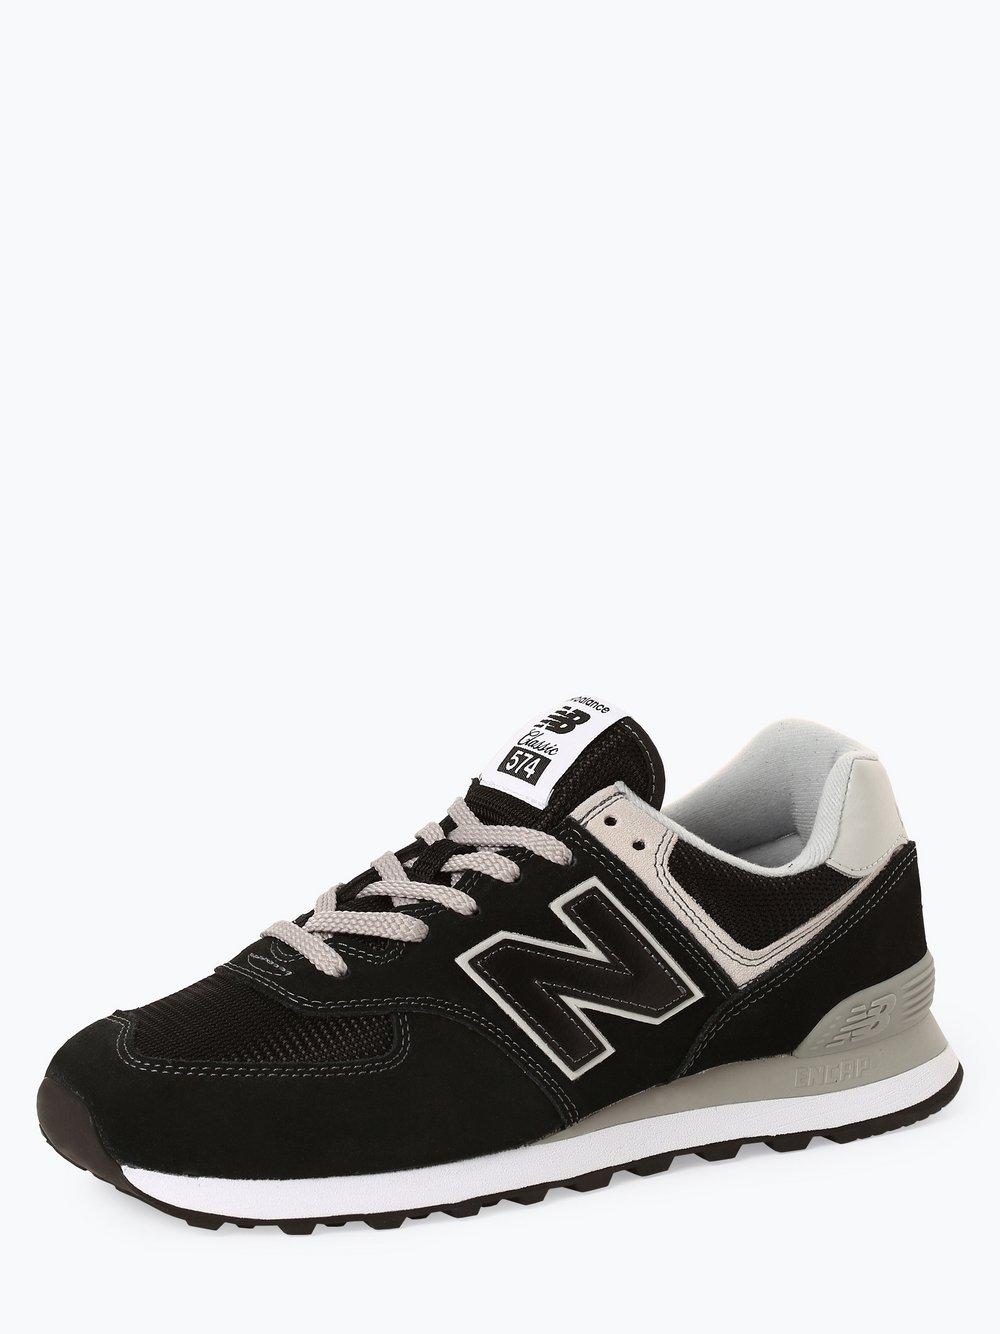 New Balance Herren Sneaker mit Leder Anteil online kaufen